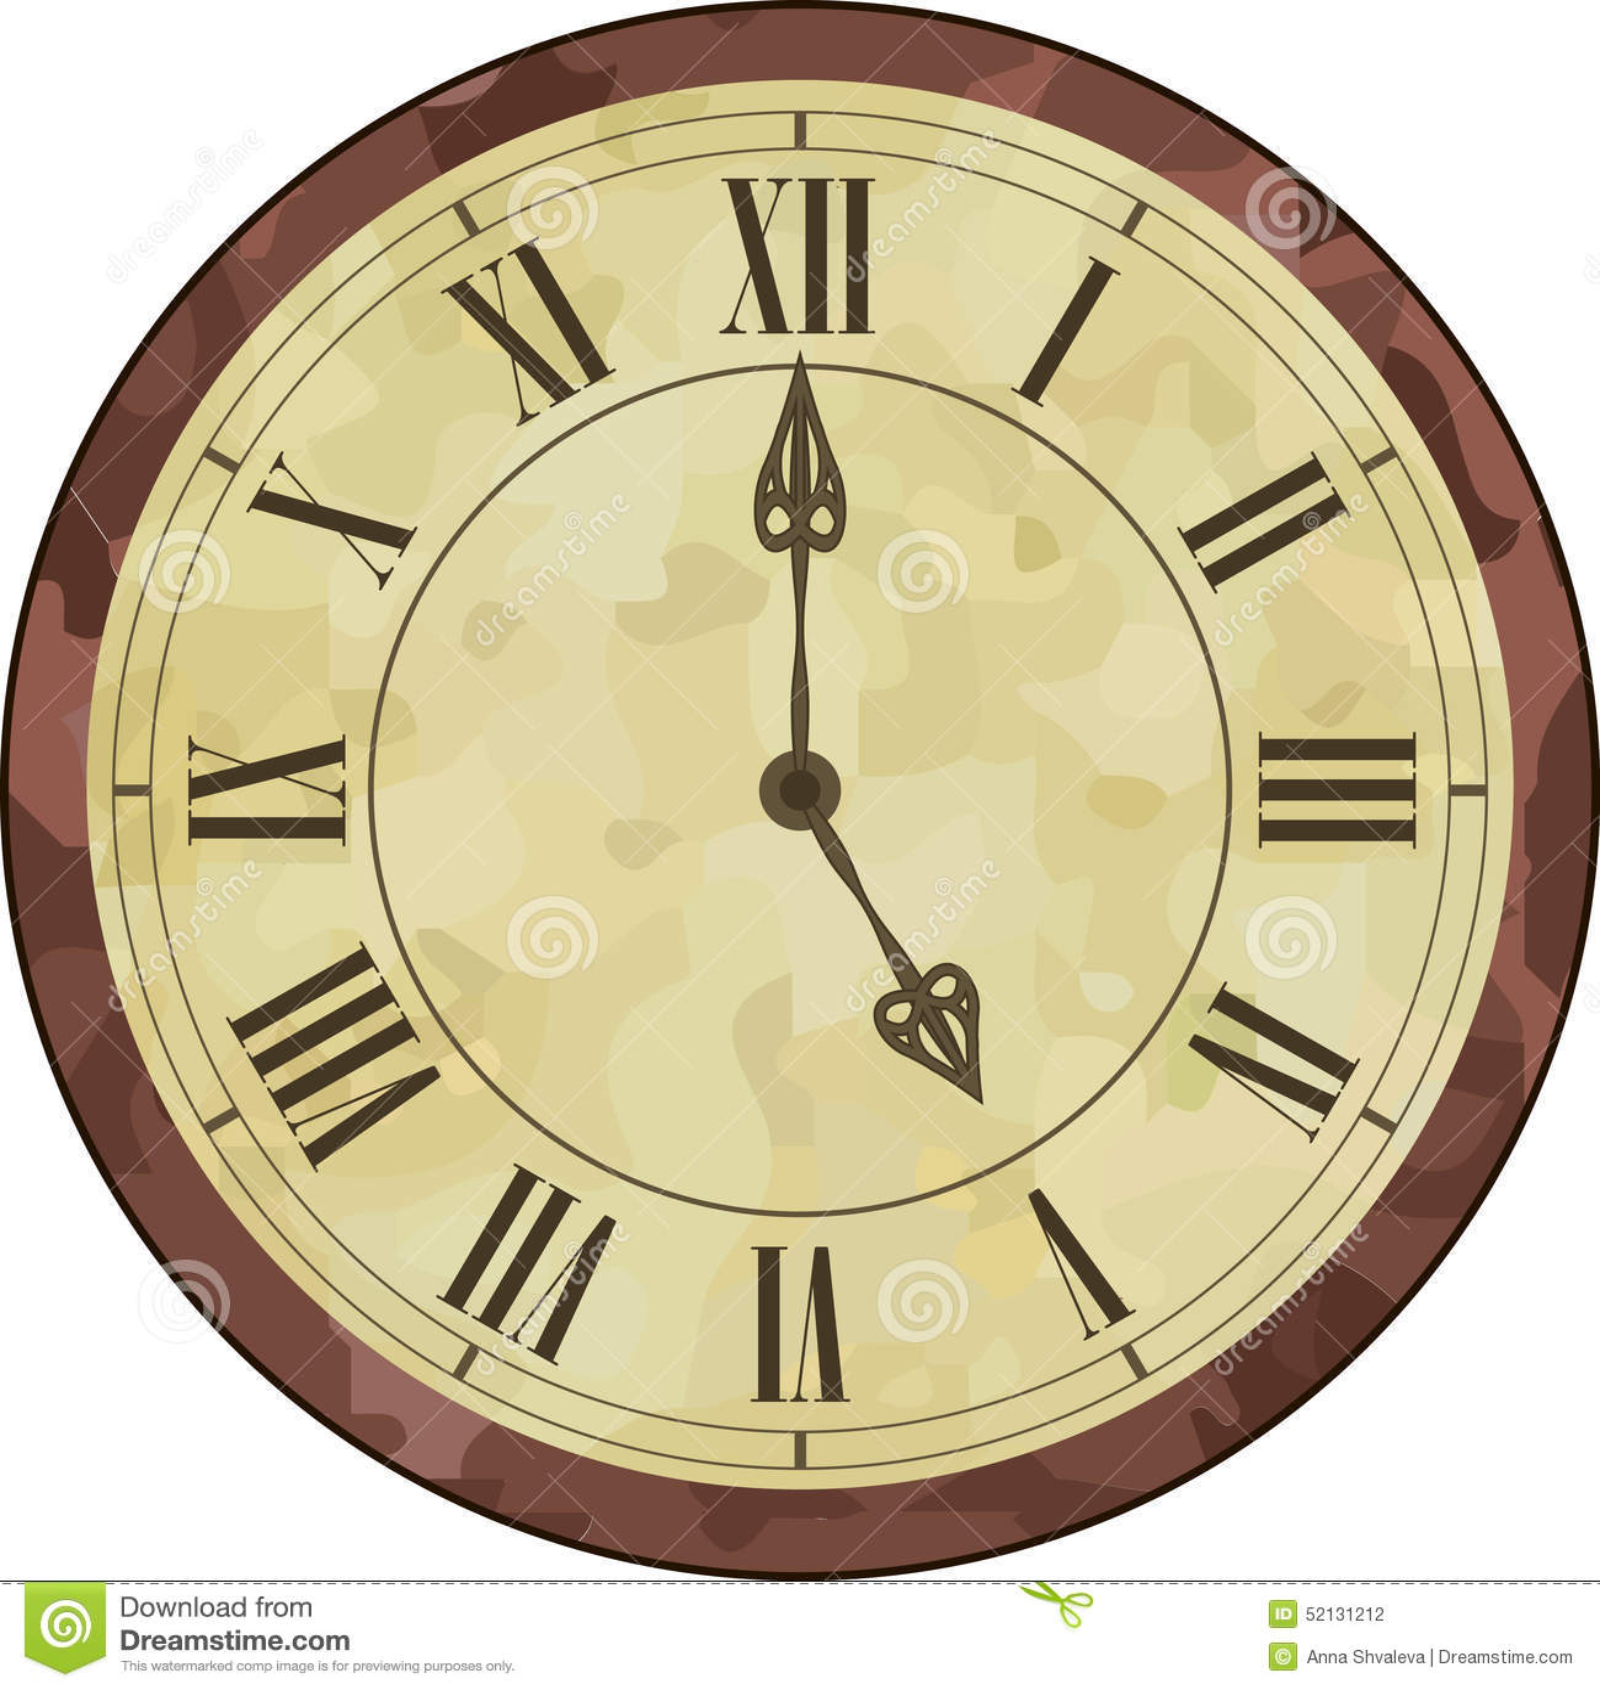 Uhr römische zahlen  Antike Uhr Der Römischen Ziffer Vektor Abbildung - Bild: 52131212